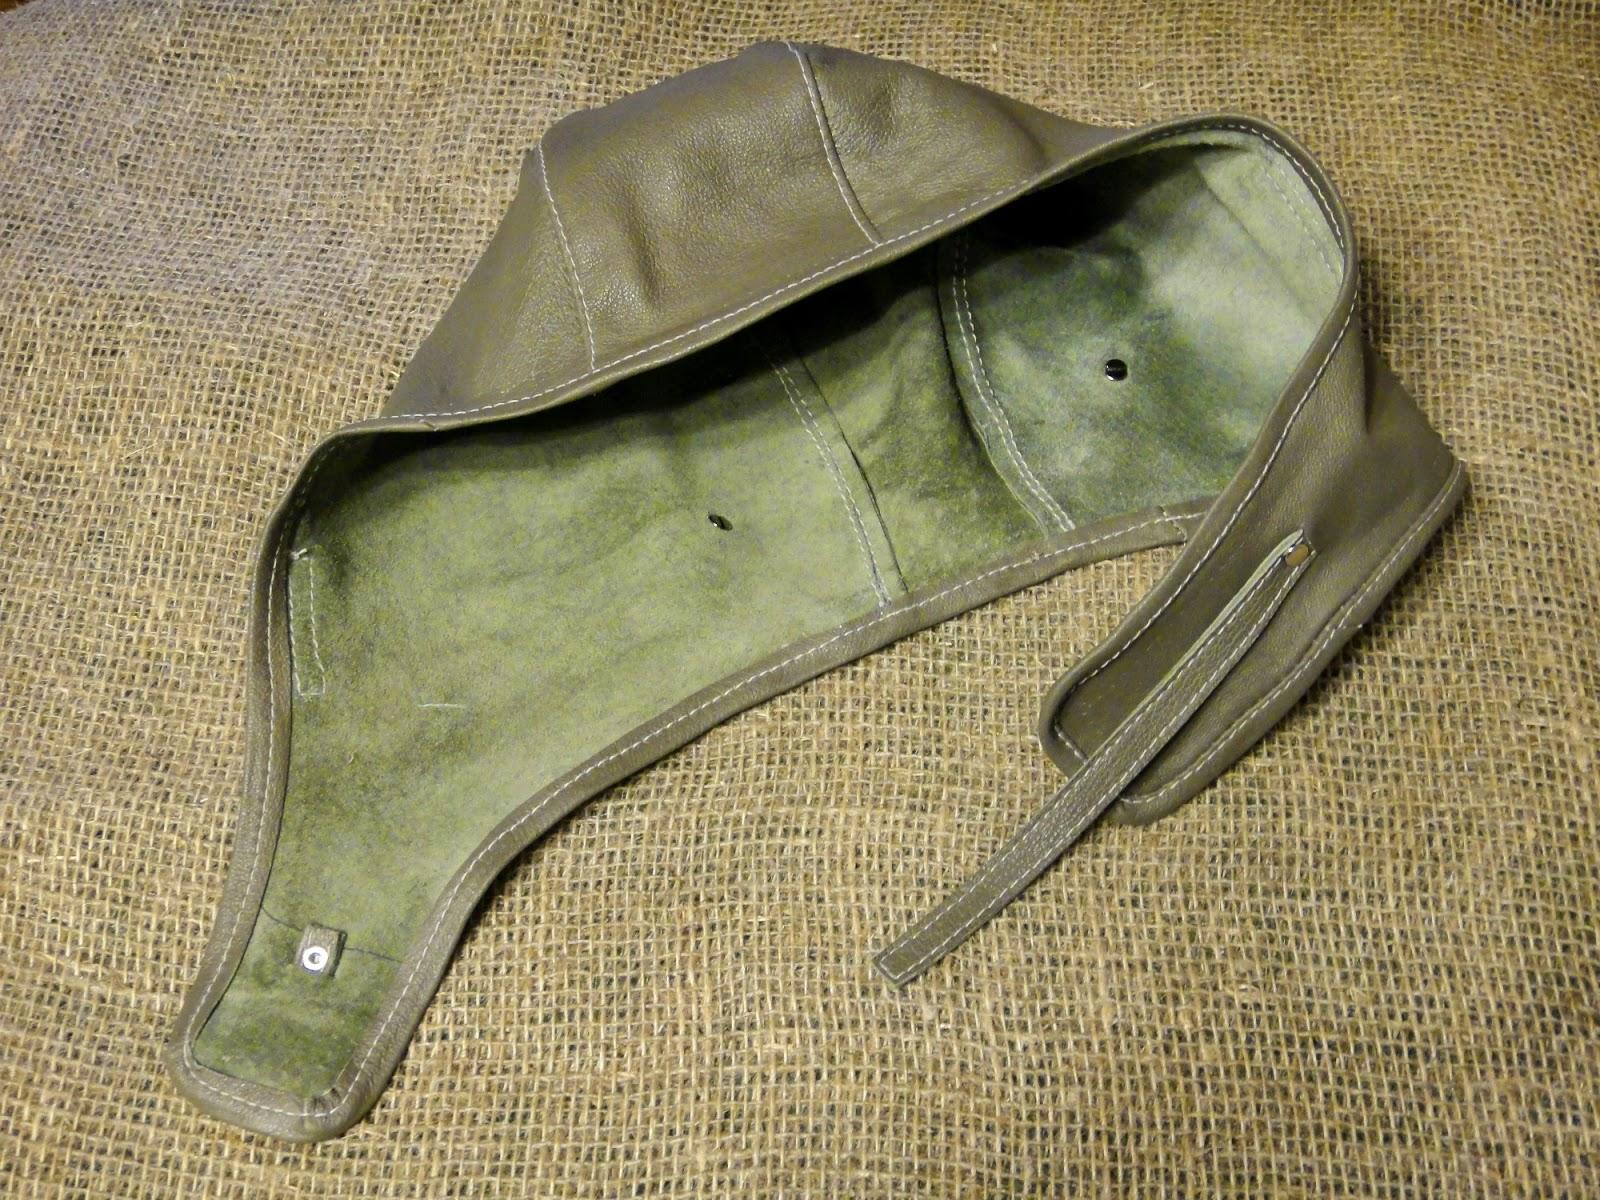 Шлем из кожи без подкладки защитит голову от ветра, сырости. Для тепла поддеваем подшлемник